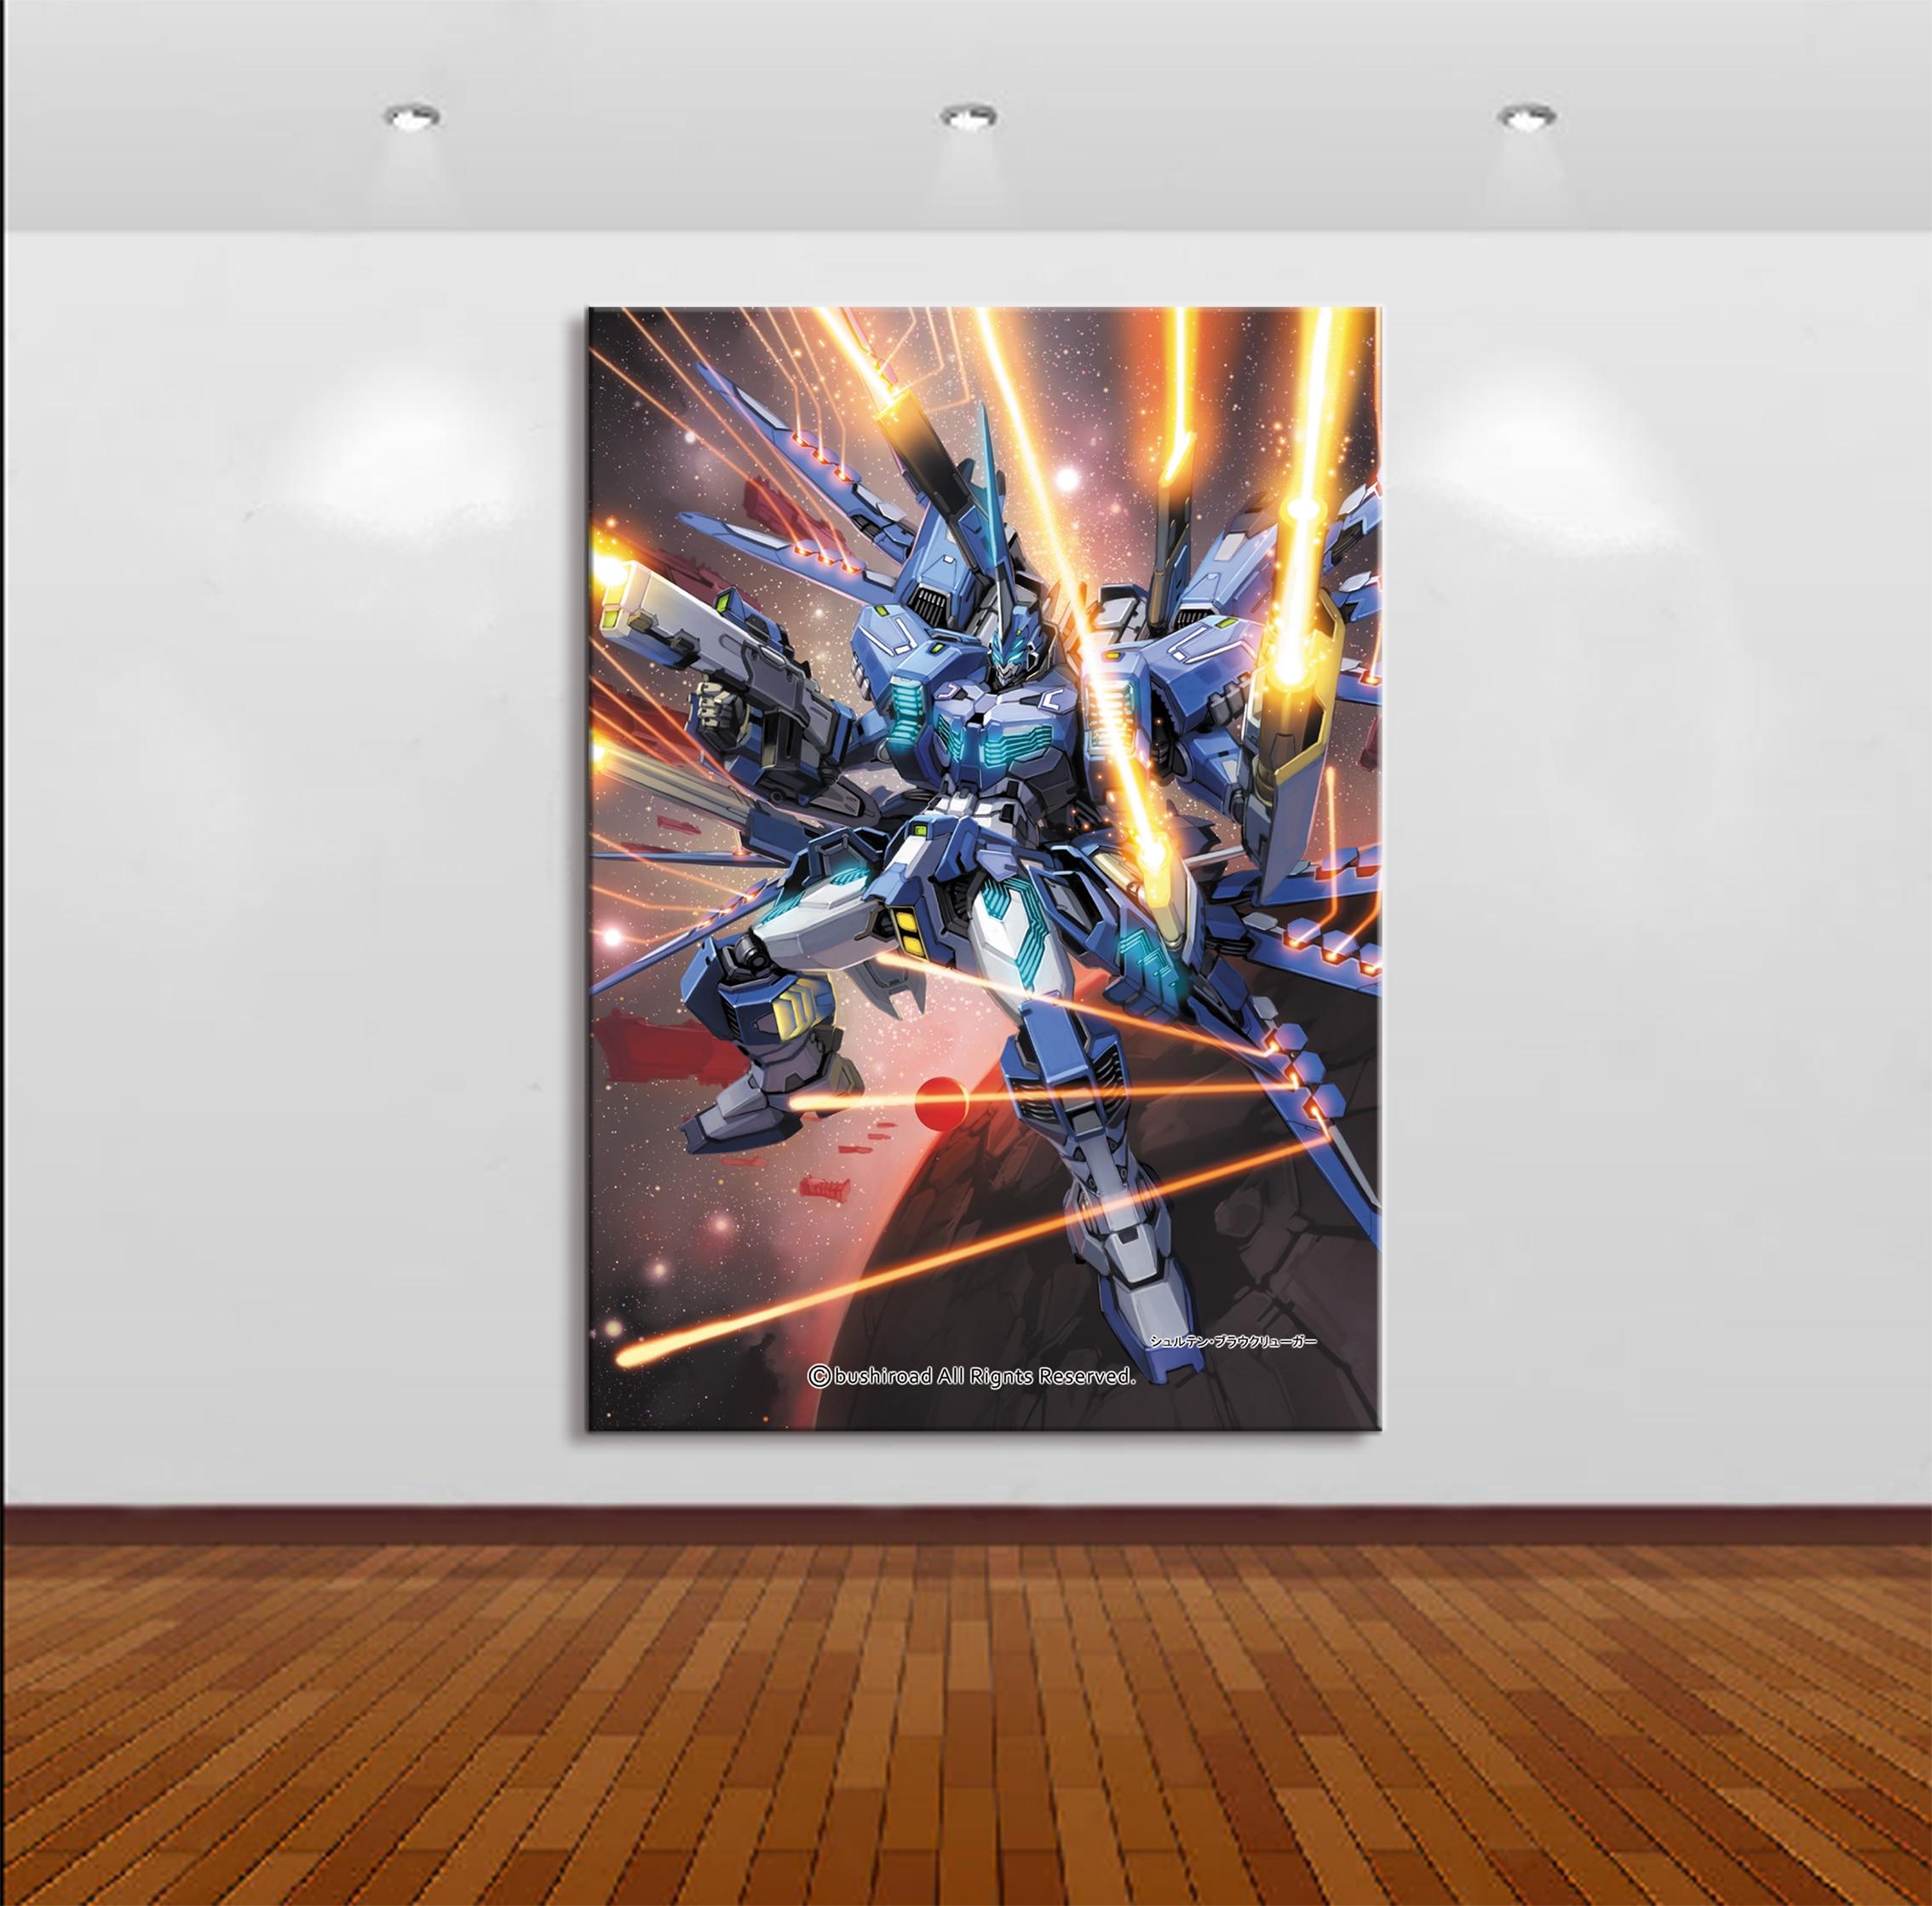 Achat Wall Art Images De Peinture Toile Imprime Anime